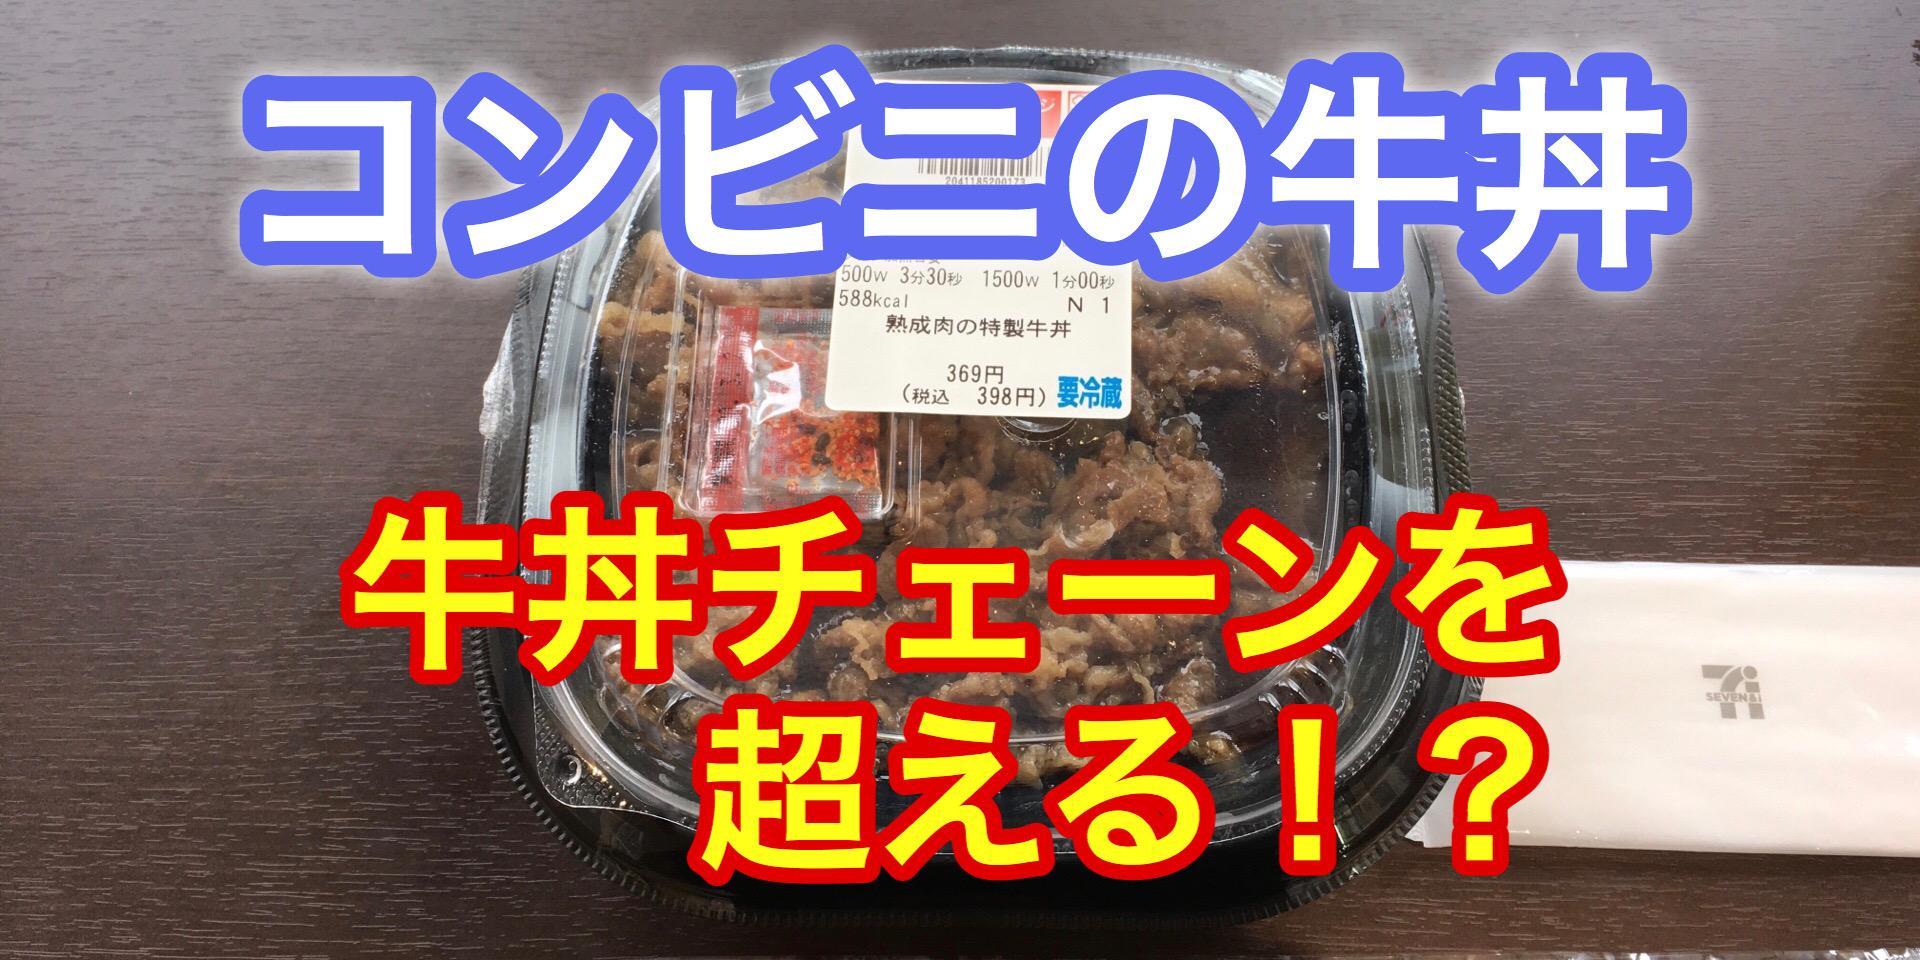 コンビニ牛丼は牛丼チェーンを超える!? 堀江貴文さんが頻繁にツイートするから比べてみた